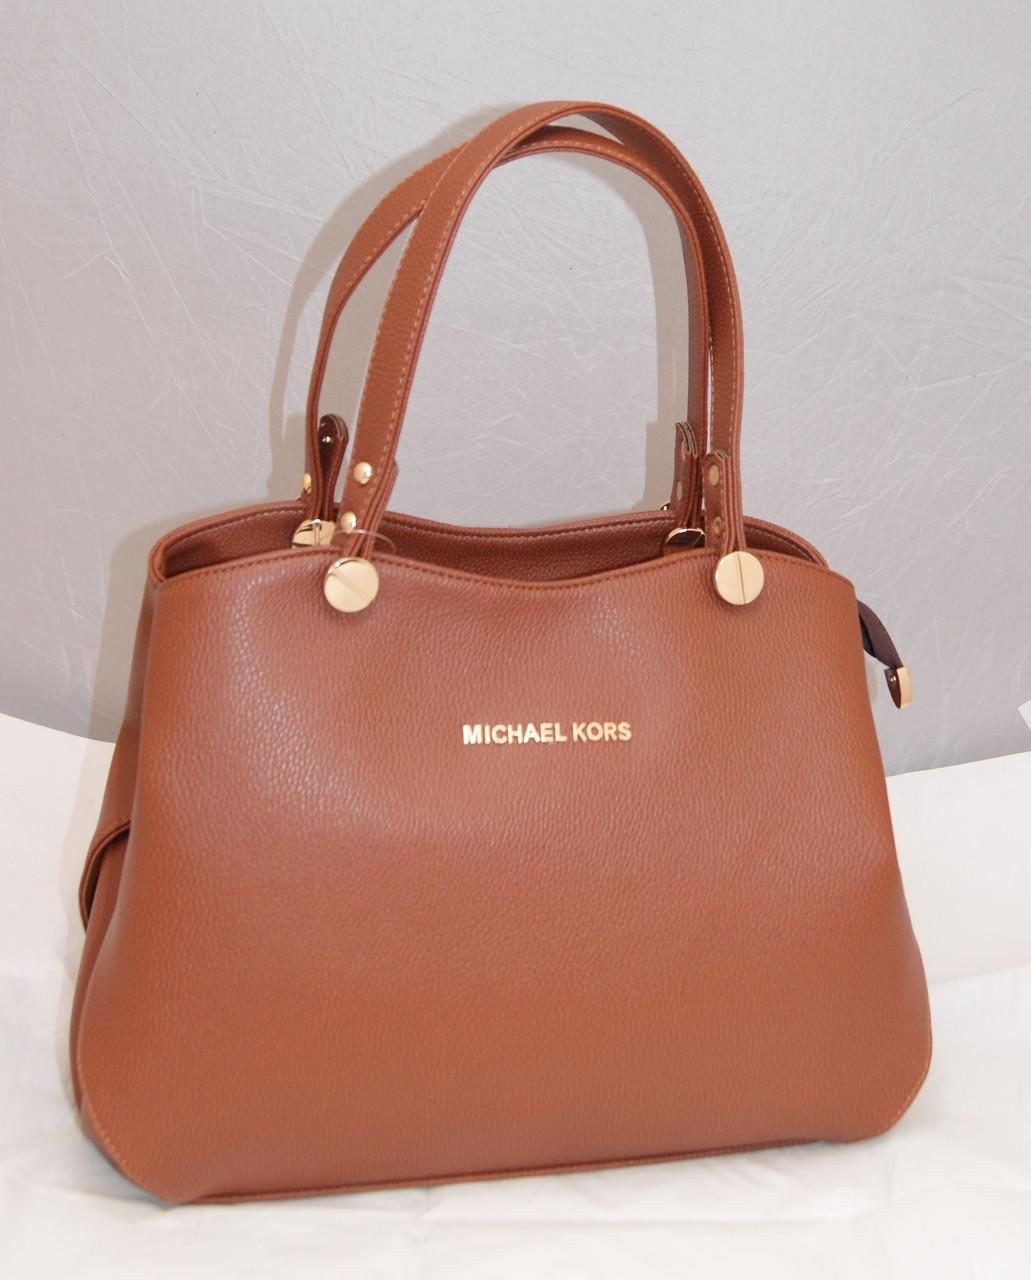 582b138ac1da Женская сумка Michael Kors, цвет светло-коричневый Майкл Корс MK -  Интернет-магазин